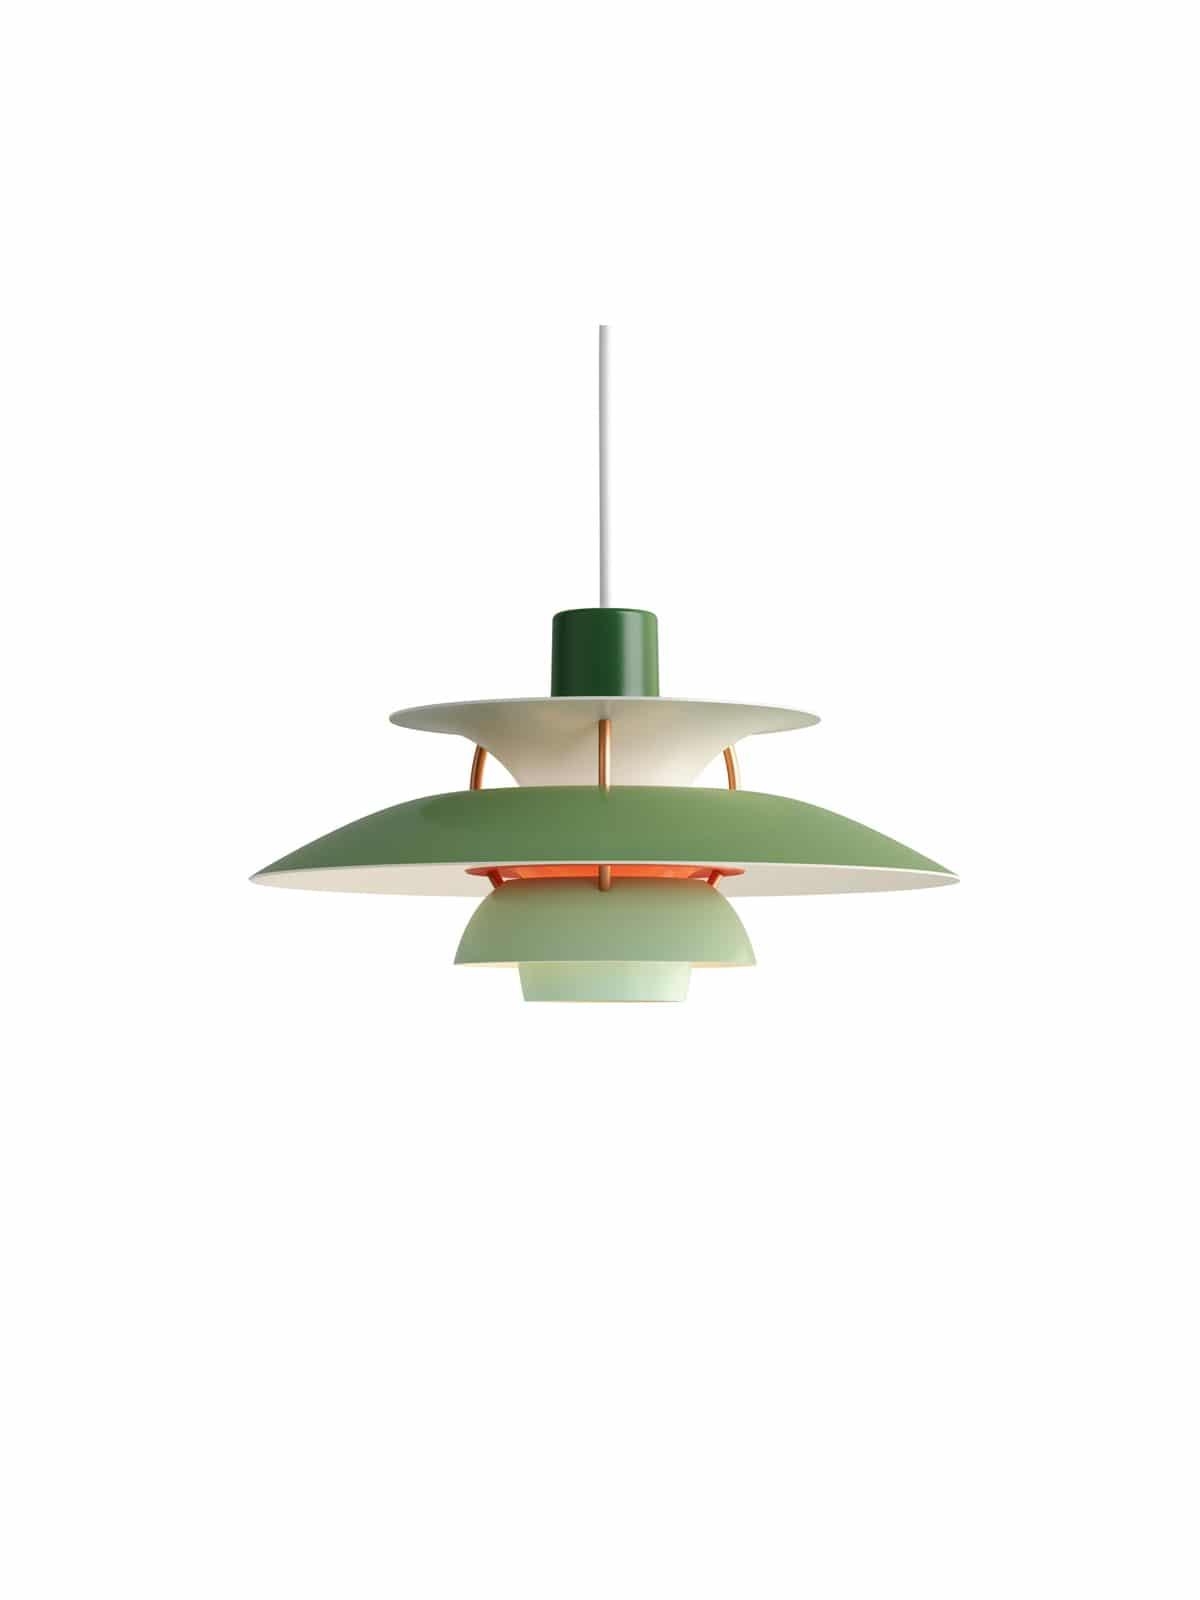 Designerlampe PH5 Mini gruen